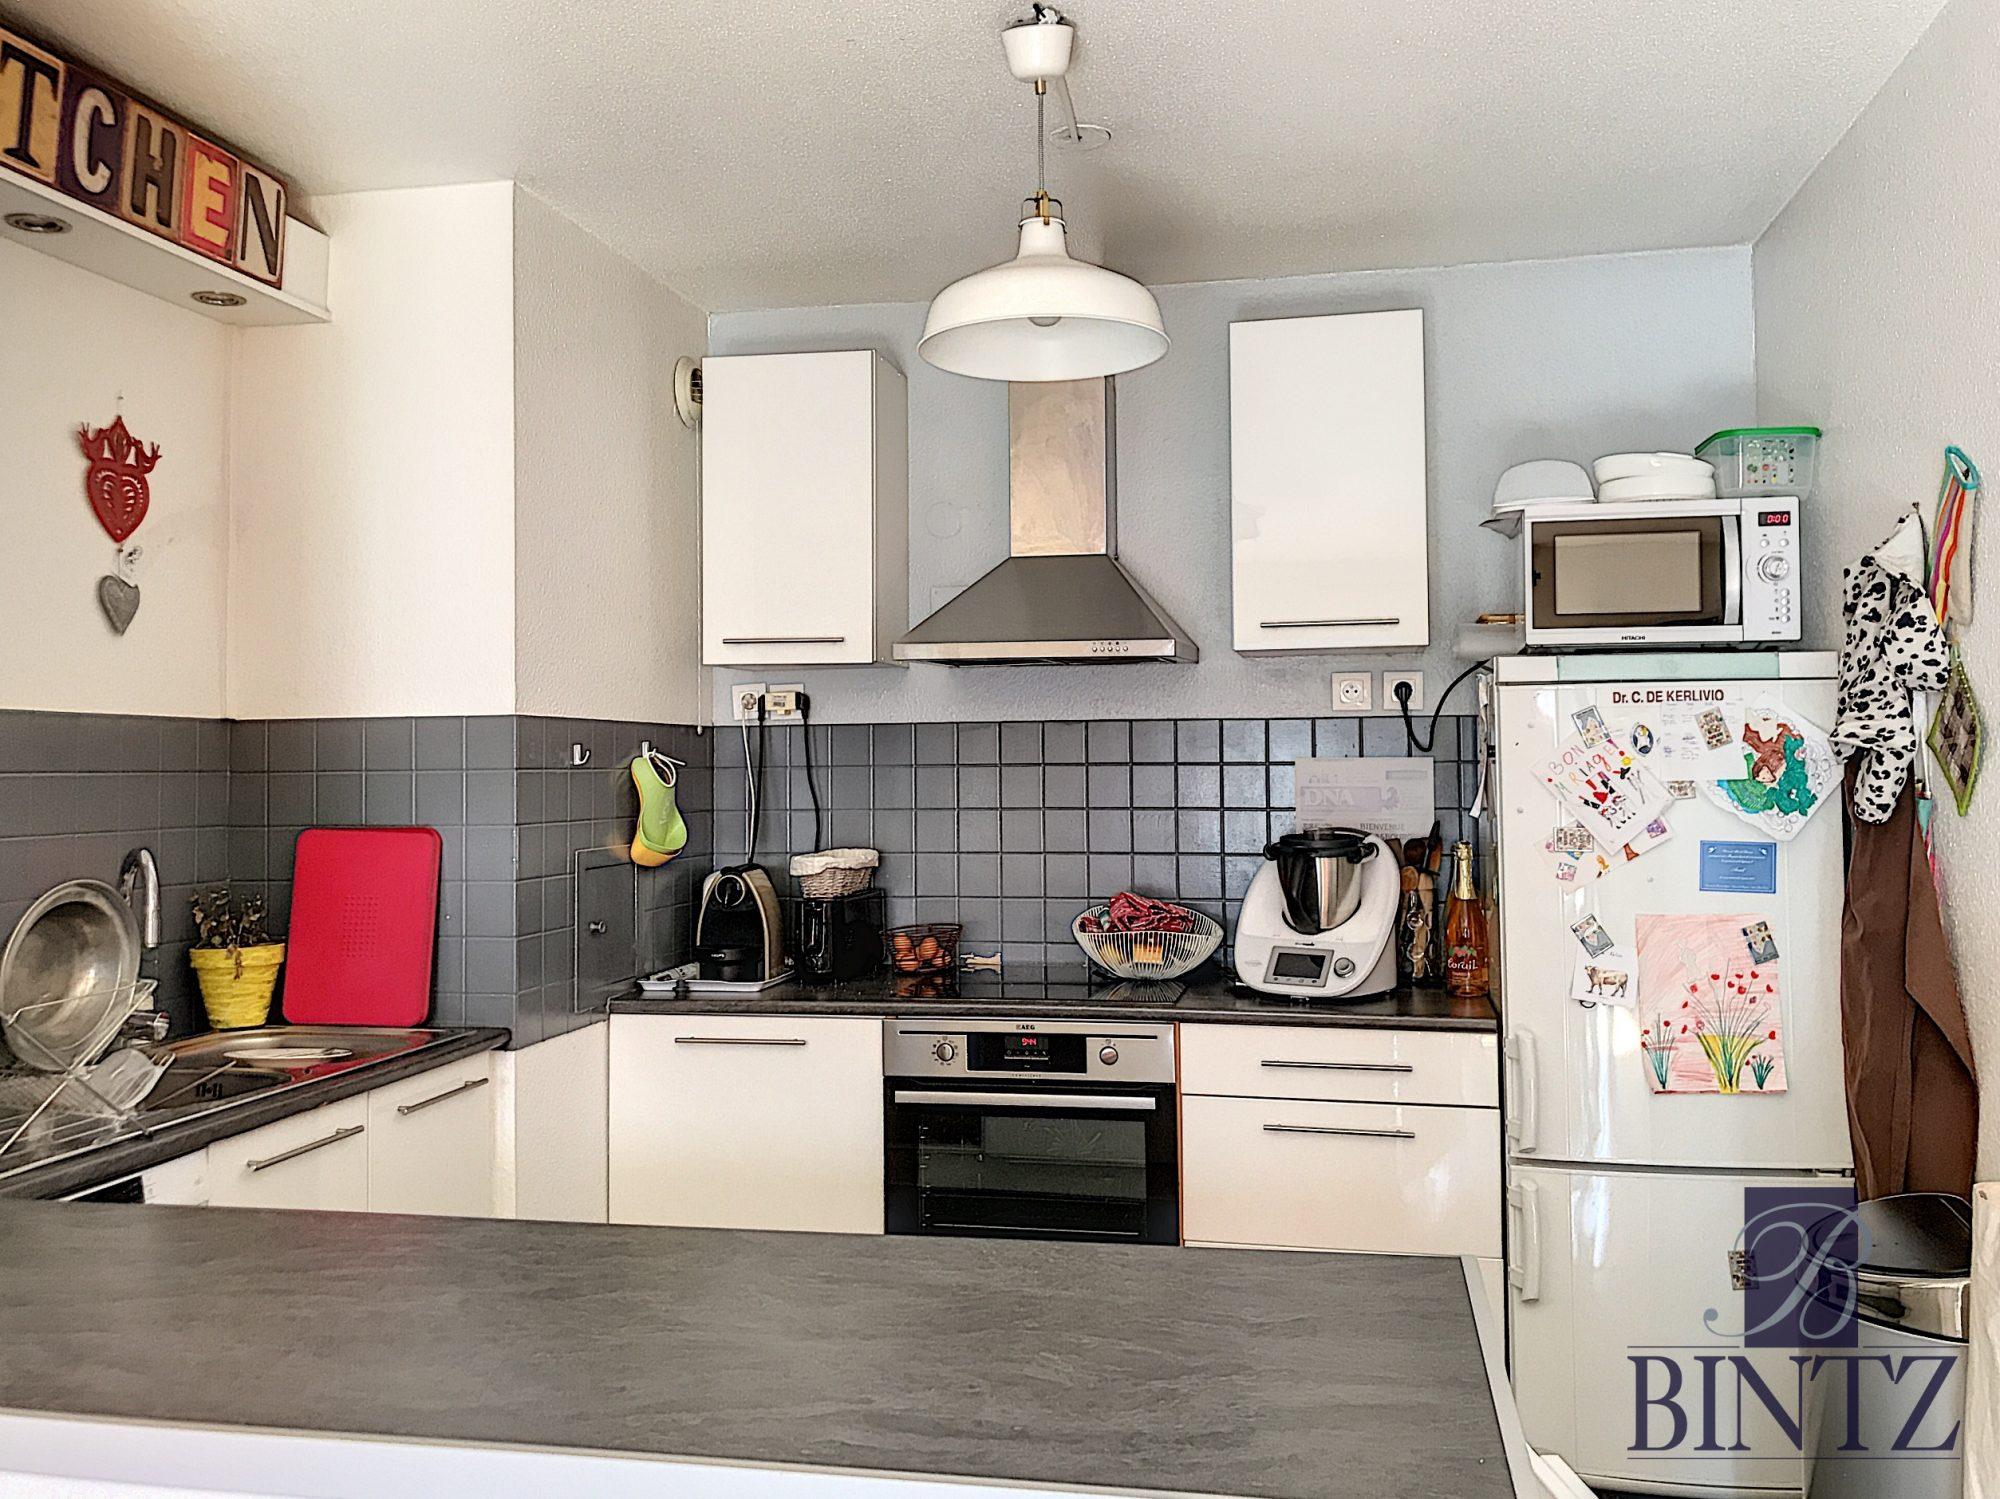 3 PIÈCES NEUSTADT AVEC GARAGE - Devenez locataire en toute sérénité - Bintz Immobilier - 2